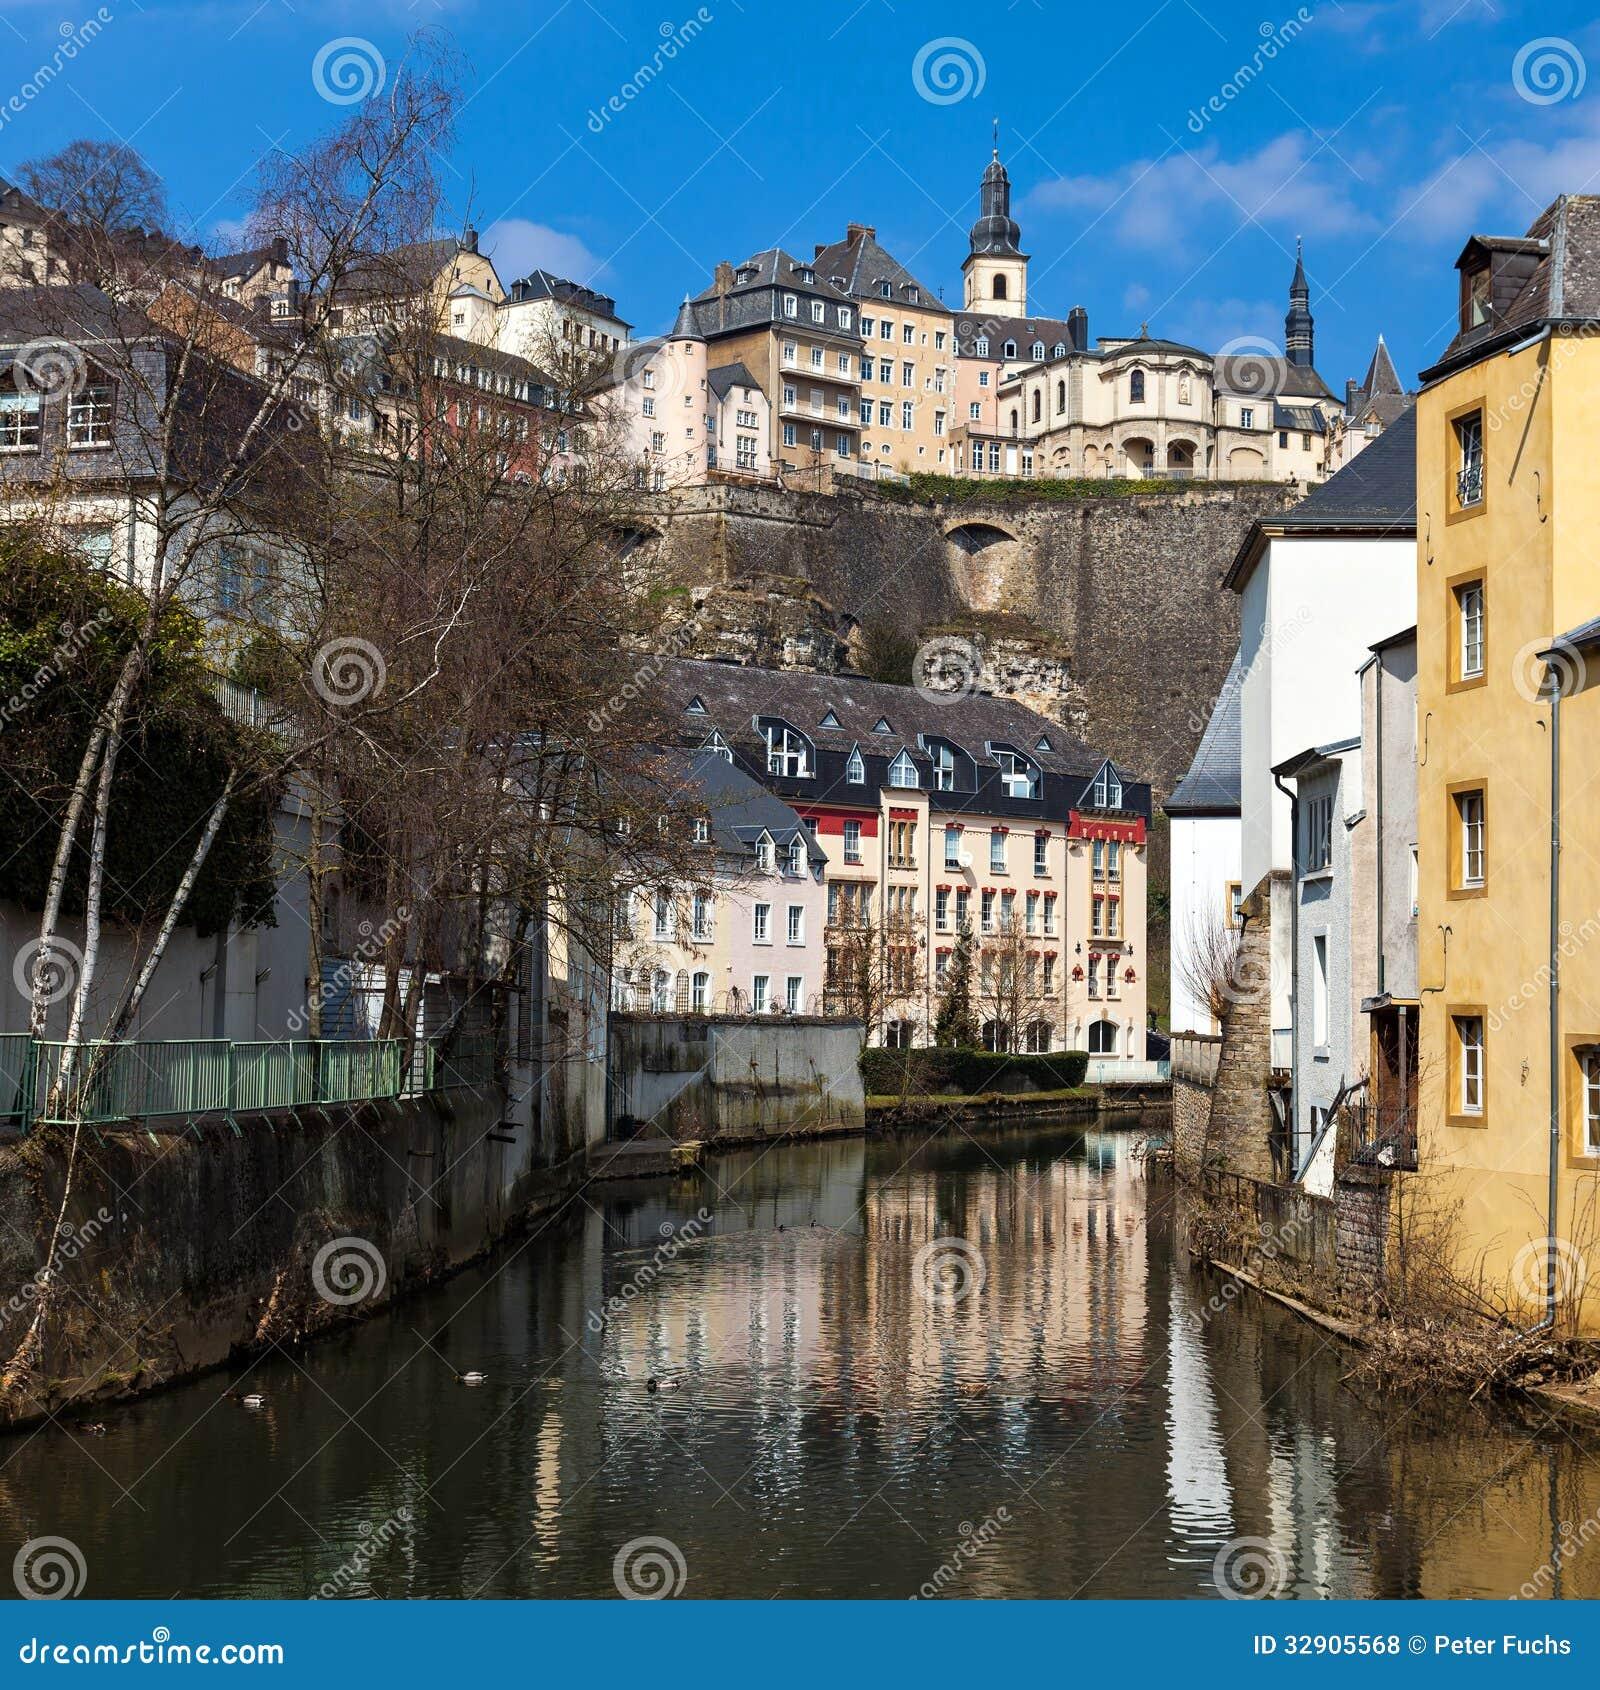 Einfamilienhausmietvertrag Mietvertrag Von Haus Grund: Luxemburg-Grund Stockfoto. Bild Von Cityscape, Himmel